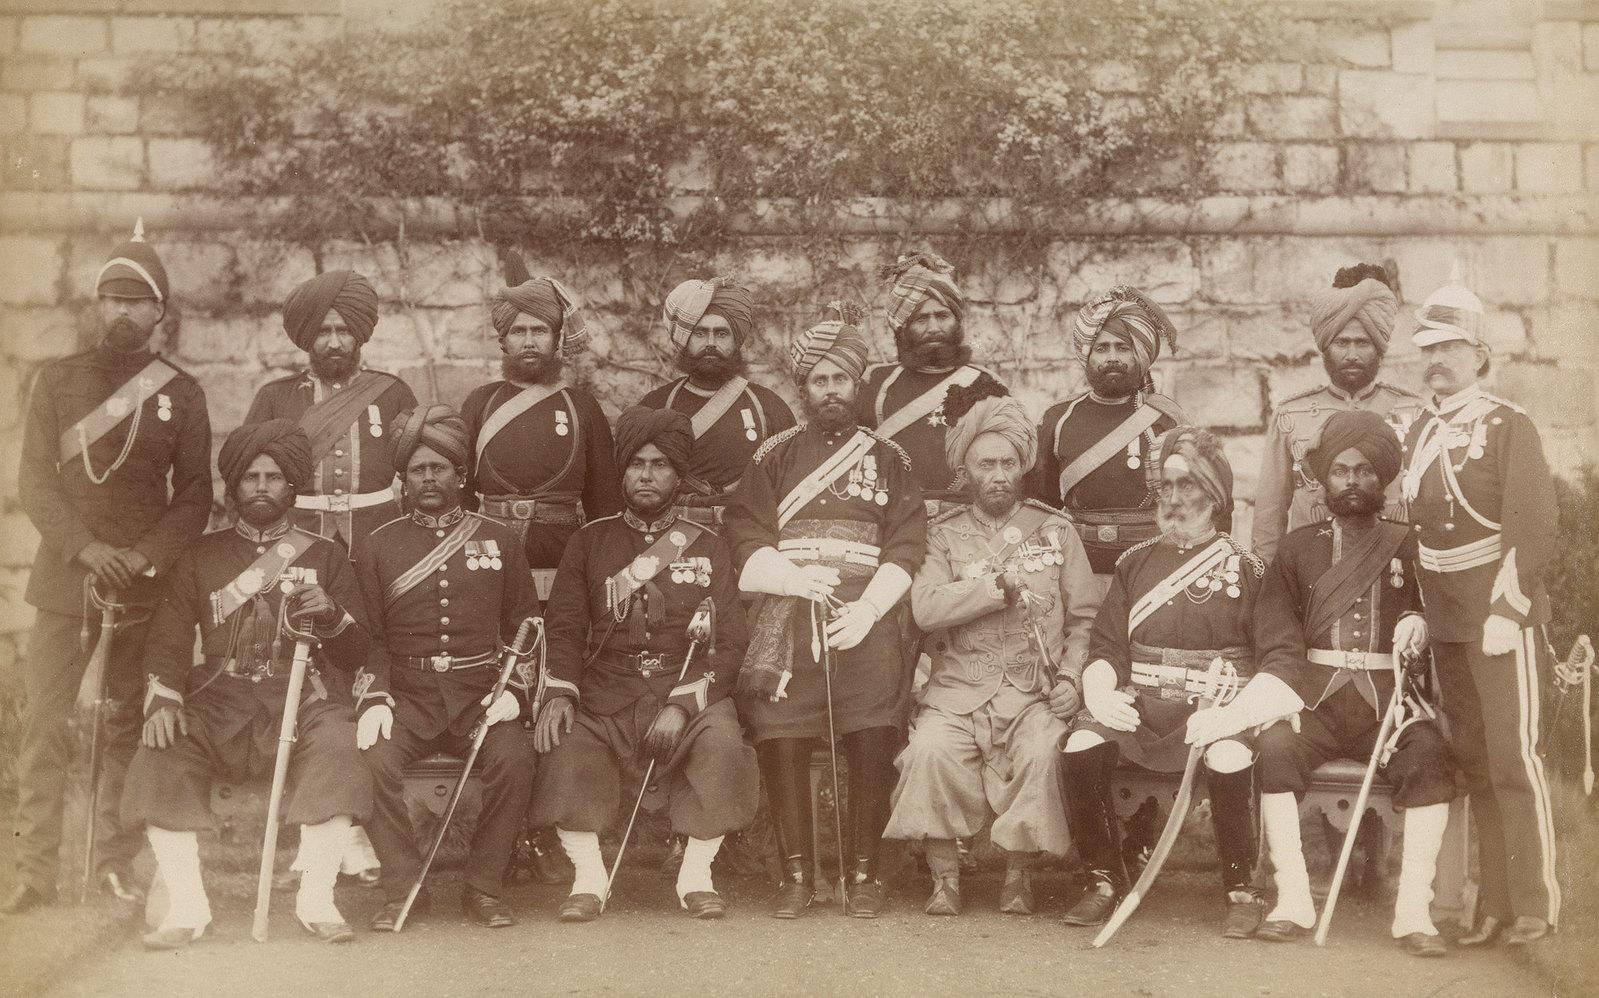 23. Офицеры из индийского контингента, служившие в англо-египетской войне 24 ноября 1883